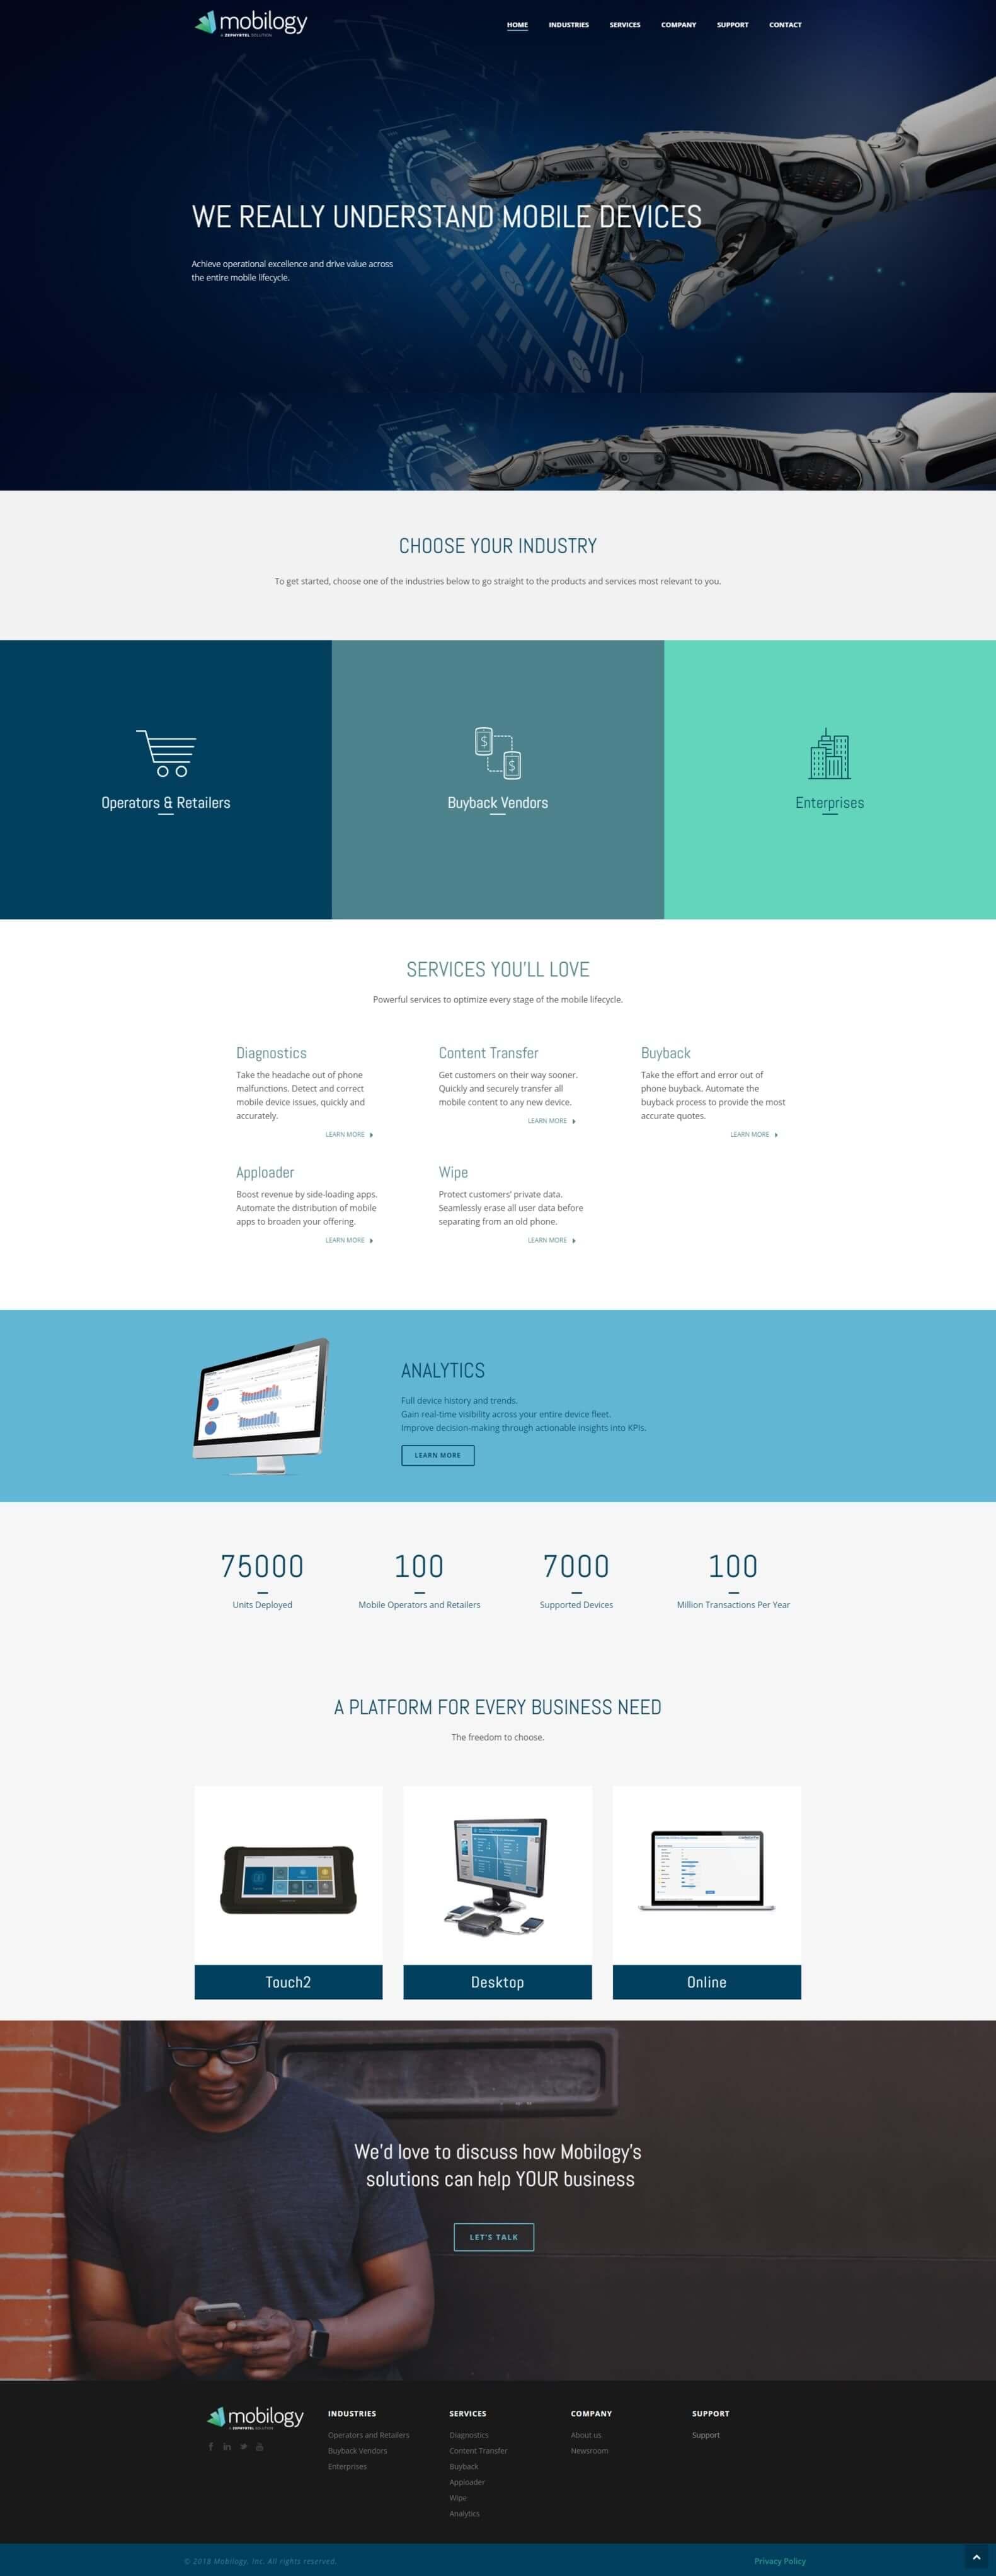 בניית אתר לחברת: mobilogy.